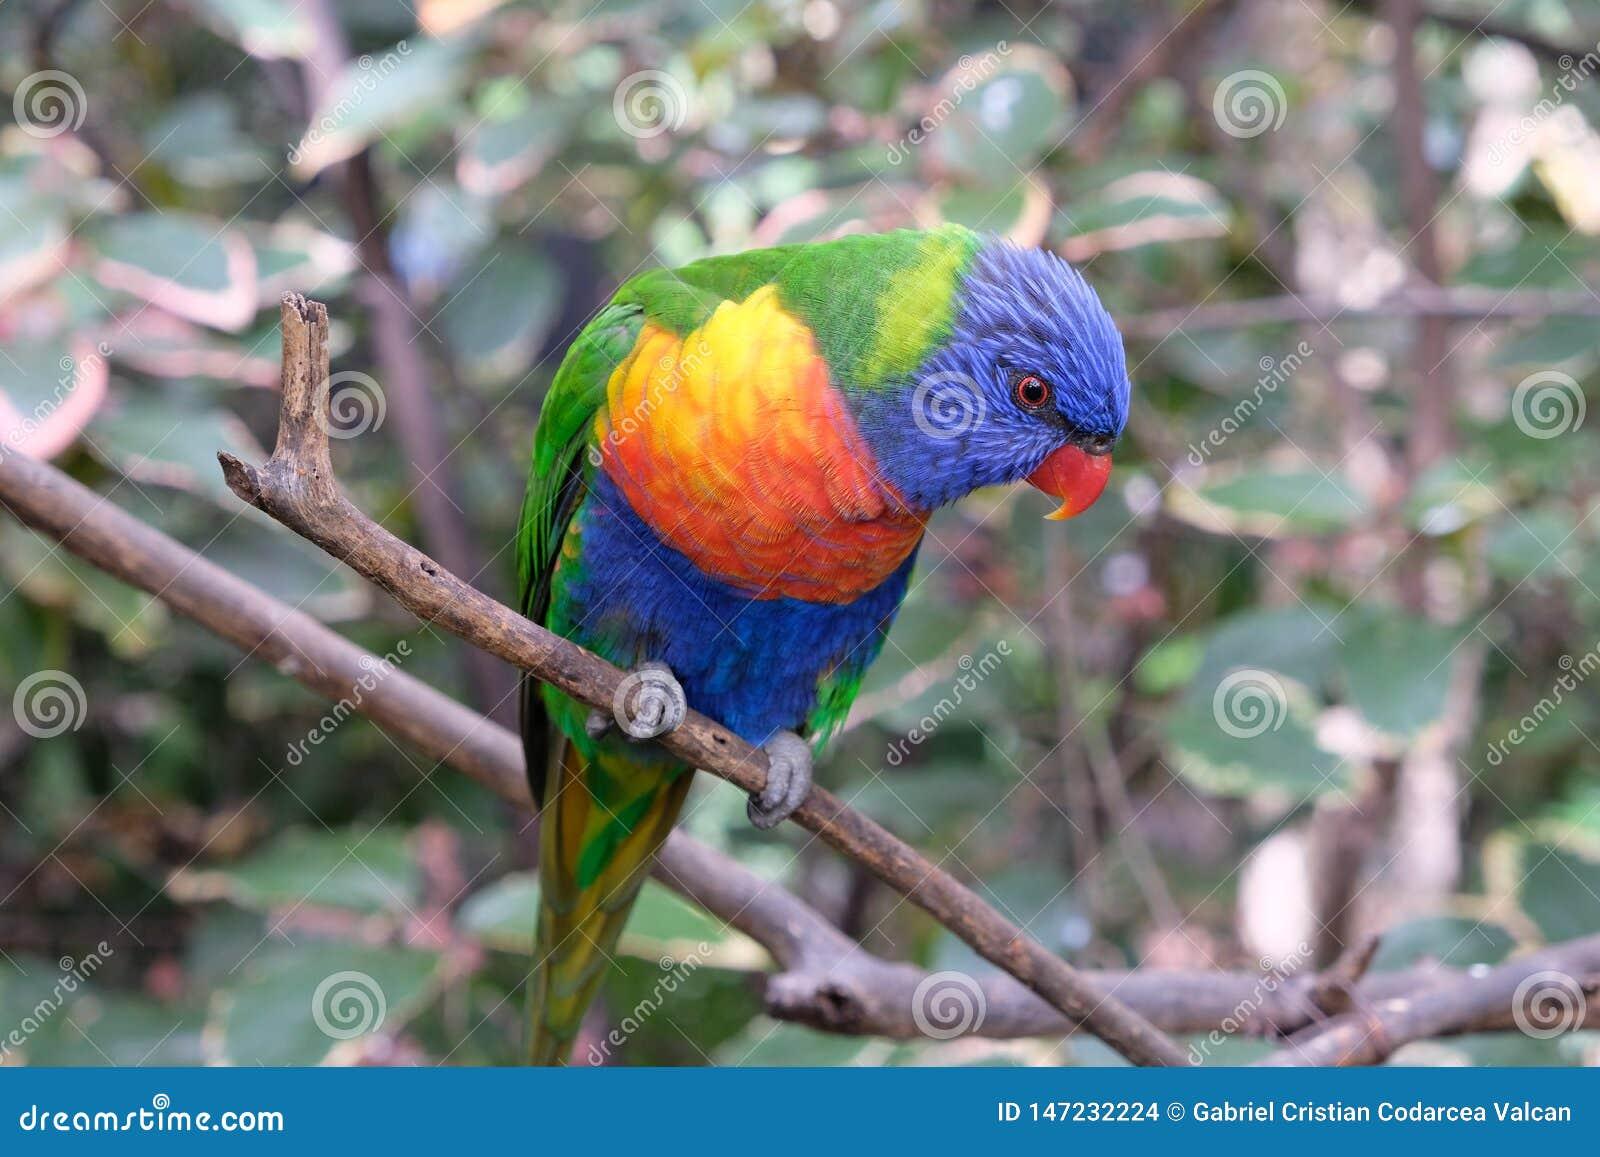 Periquito solo del arco iris en una rama de árbol en cautiverio